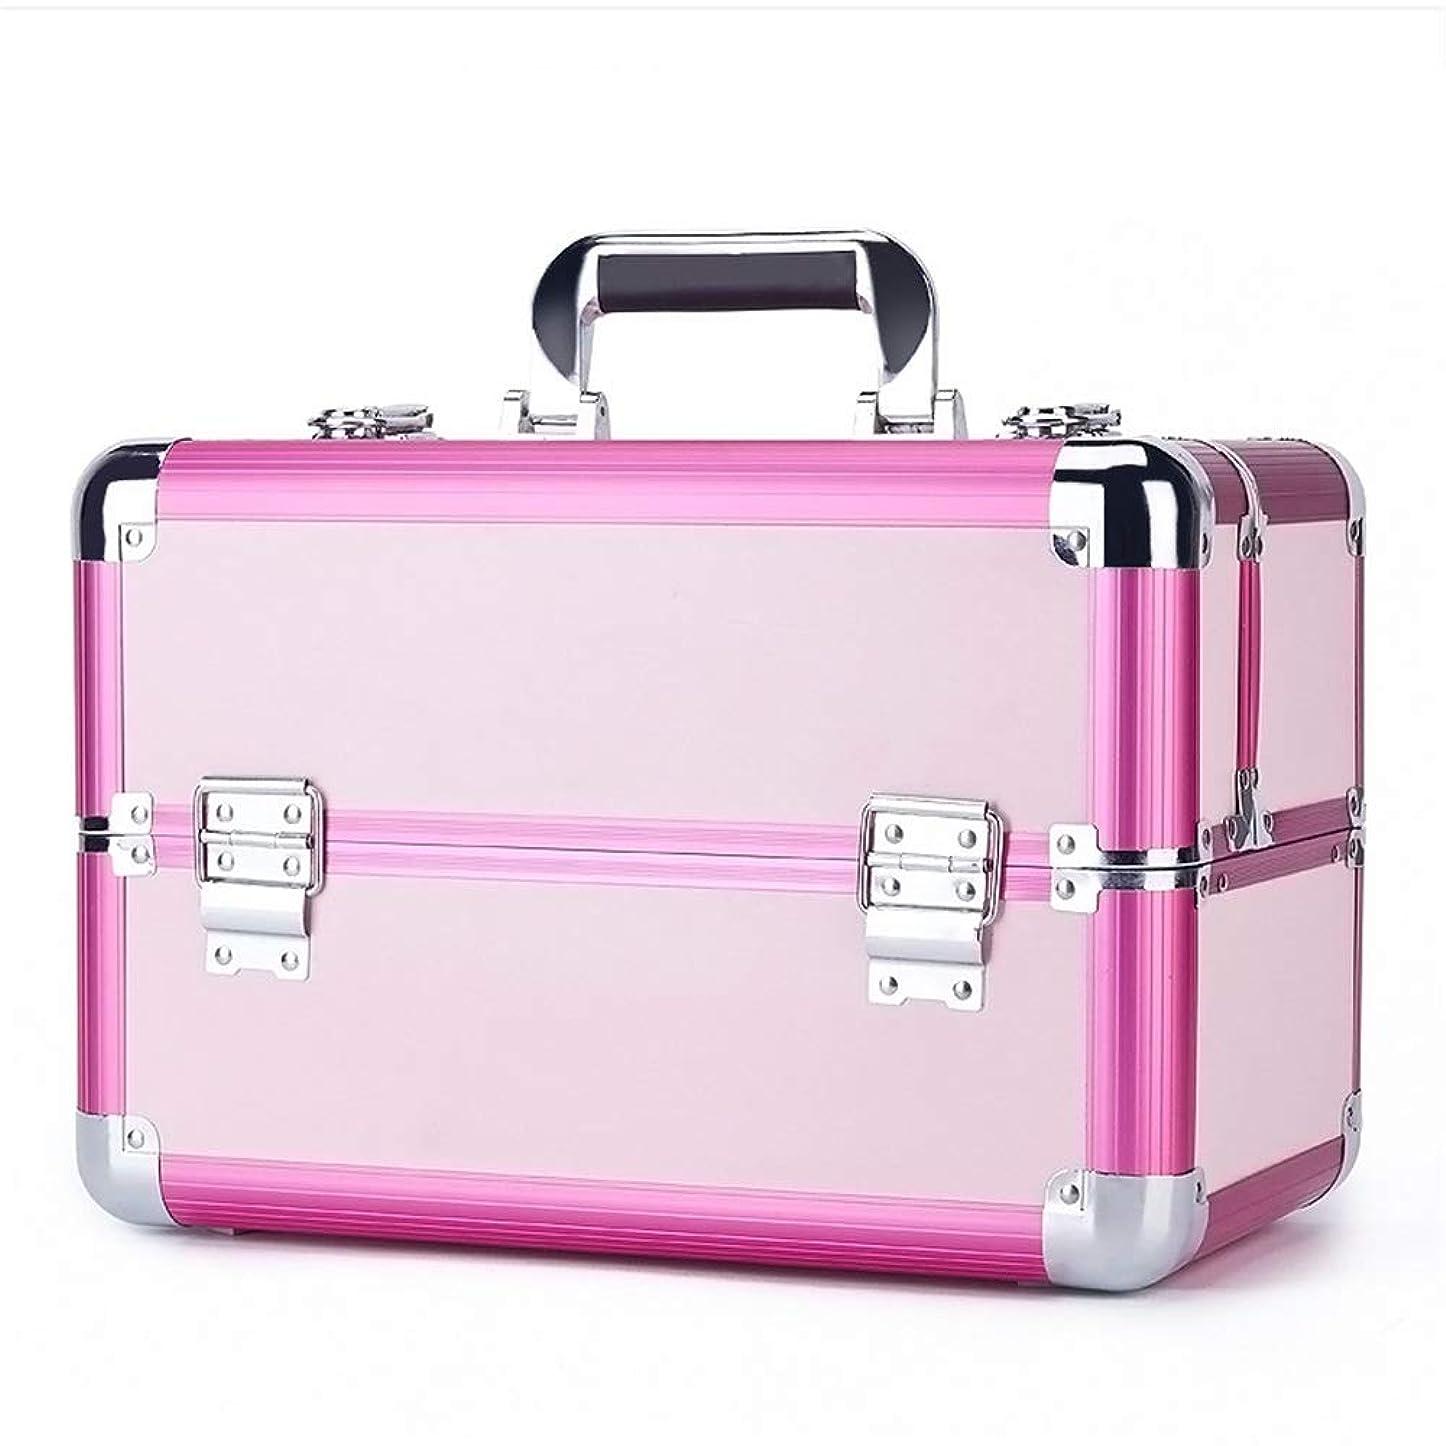 上がる細胞心配化粧オーガナイザーバッグ 旅行メイクアップバッグパターンメイクアップアーティストケーストレインボックス化粧品オーガナイザー収納用十代の女の子女性アーティスト 化粧品ケース (色 : ピンク)